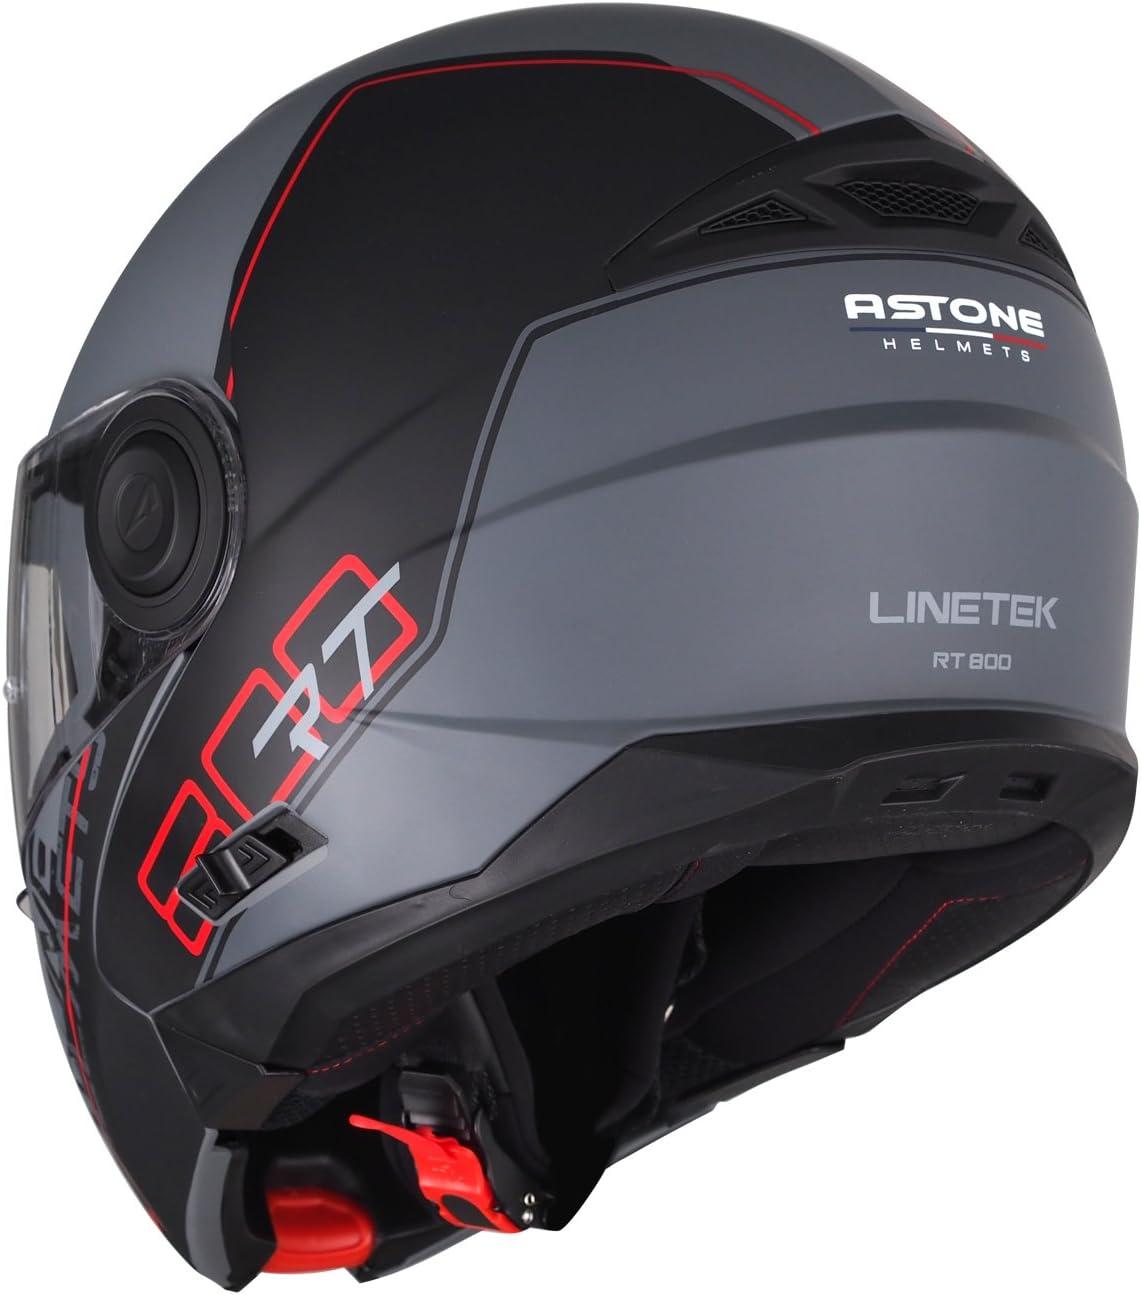 Casque en polycarbonate Casque polyvalent route et ville RT800 graphic exclusive LINETEK Casque de moto modulable red//grey XS Astone Helmets Casque de moto 2 en 1